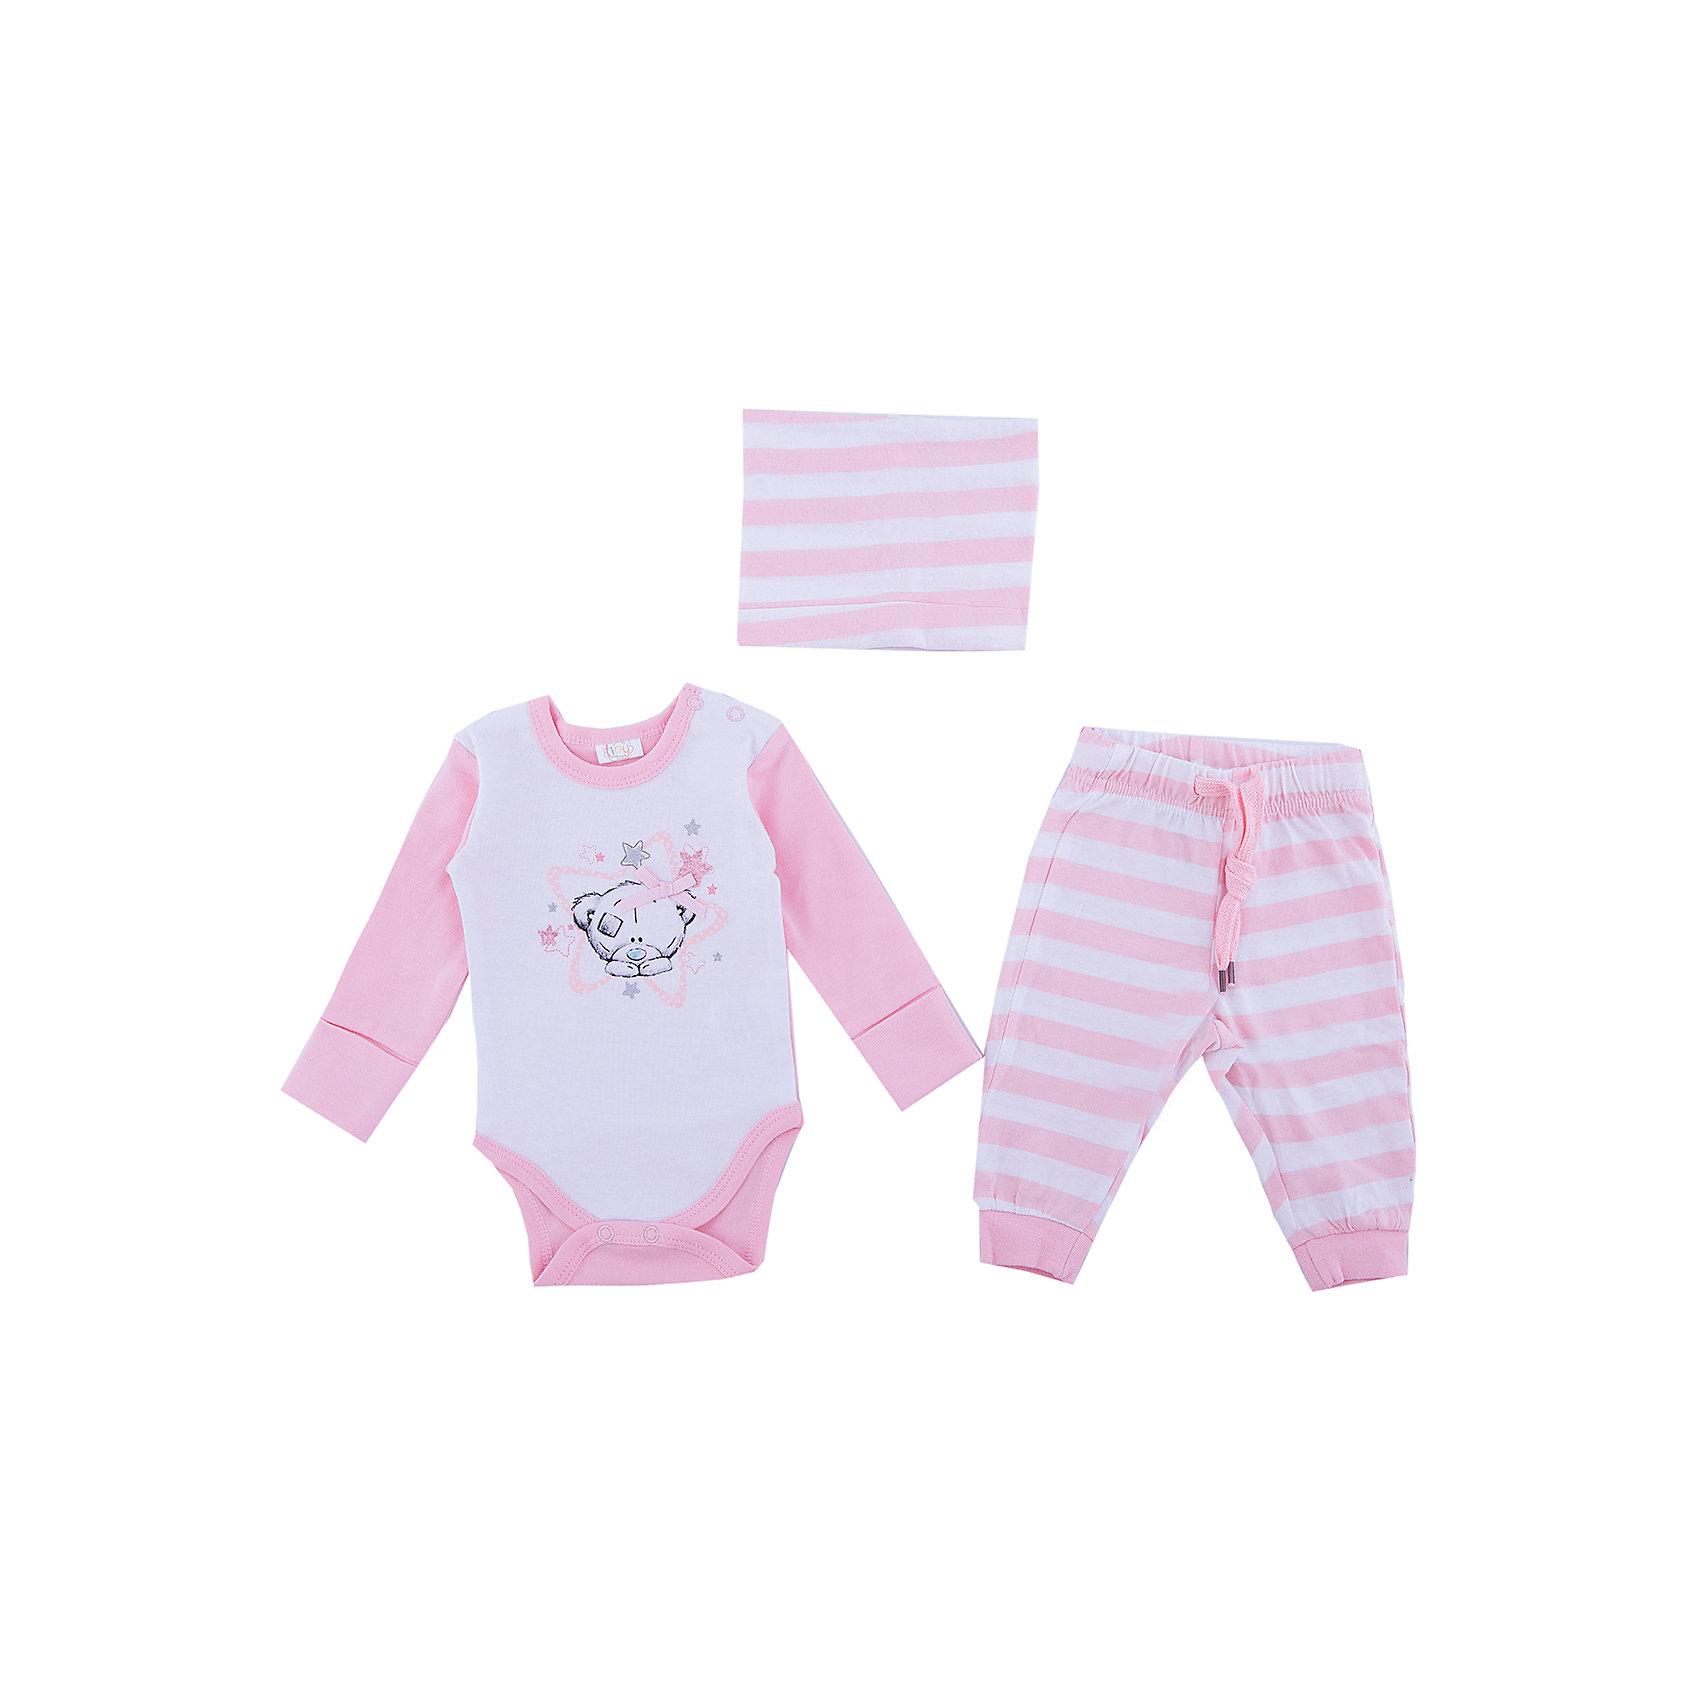 Комплект: боди, брюки, шапочка PlayToday для девочкиКомплекты<br>Комплект: боди, брюки, шапочка PlayToday для девочки<br>Комплект из боди, брюк и шапочки - отличное дополнение к повседневному гардеробу ребенка. Боди с длинным рукавом, горловина модели дополнена застежками - кнопками, манжеты на мягких трикотажных резинках. Для быстрой смены подгузника, паховая часть также на кнопках. Брюки на широкой резинке, не сдавливающей живот ребенка, с регулируемым шнуром - кулиской. Брюки и шапочка выполнены в технике yarn dyed - в процессе производства используются разного цвета нити. При рекомендуемом уходе модель не линяет и надолго остается в первоначальном виде. Низ брючин - на мягких трикотажных резинках. Шапочка хорошо облегает голову и комфортна при носке.<br>Состав:<br>100% хлопок<br><br>Ширина мм: 157<br>Глубина мм: 13<br>Высота мм: 119<br>Вес г: 200<br>Цвет: белый<br>Возраст от месяцев: 3<br>Возраст до месяцев: 6<br>Пол: Женский<br>Возраст: Детский<br>Размер: 68,74,62,56<br>SKU: 7107831